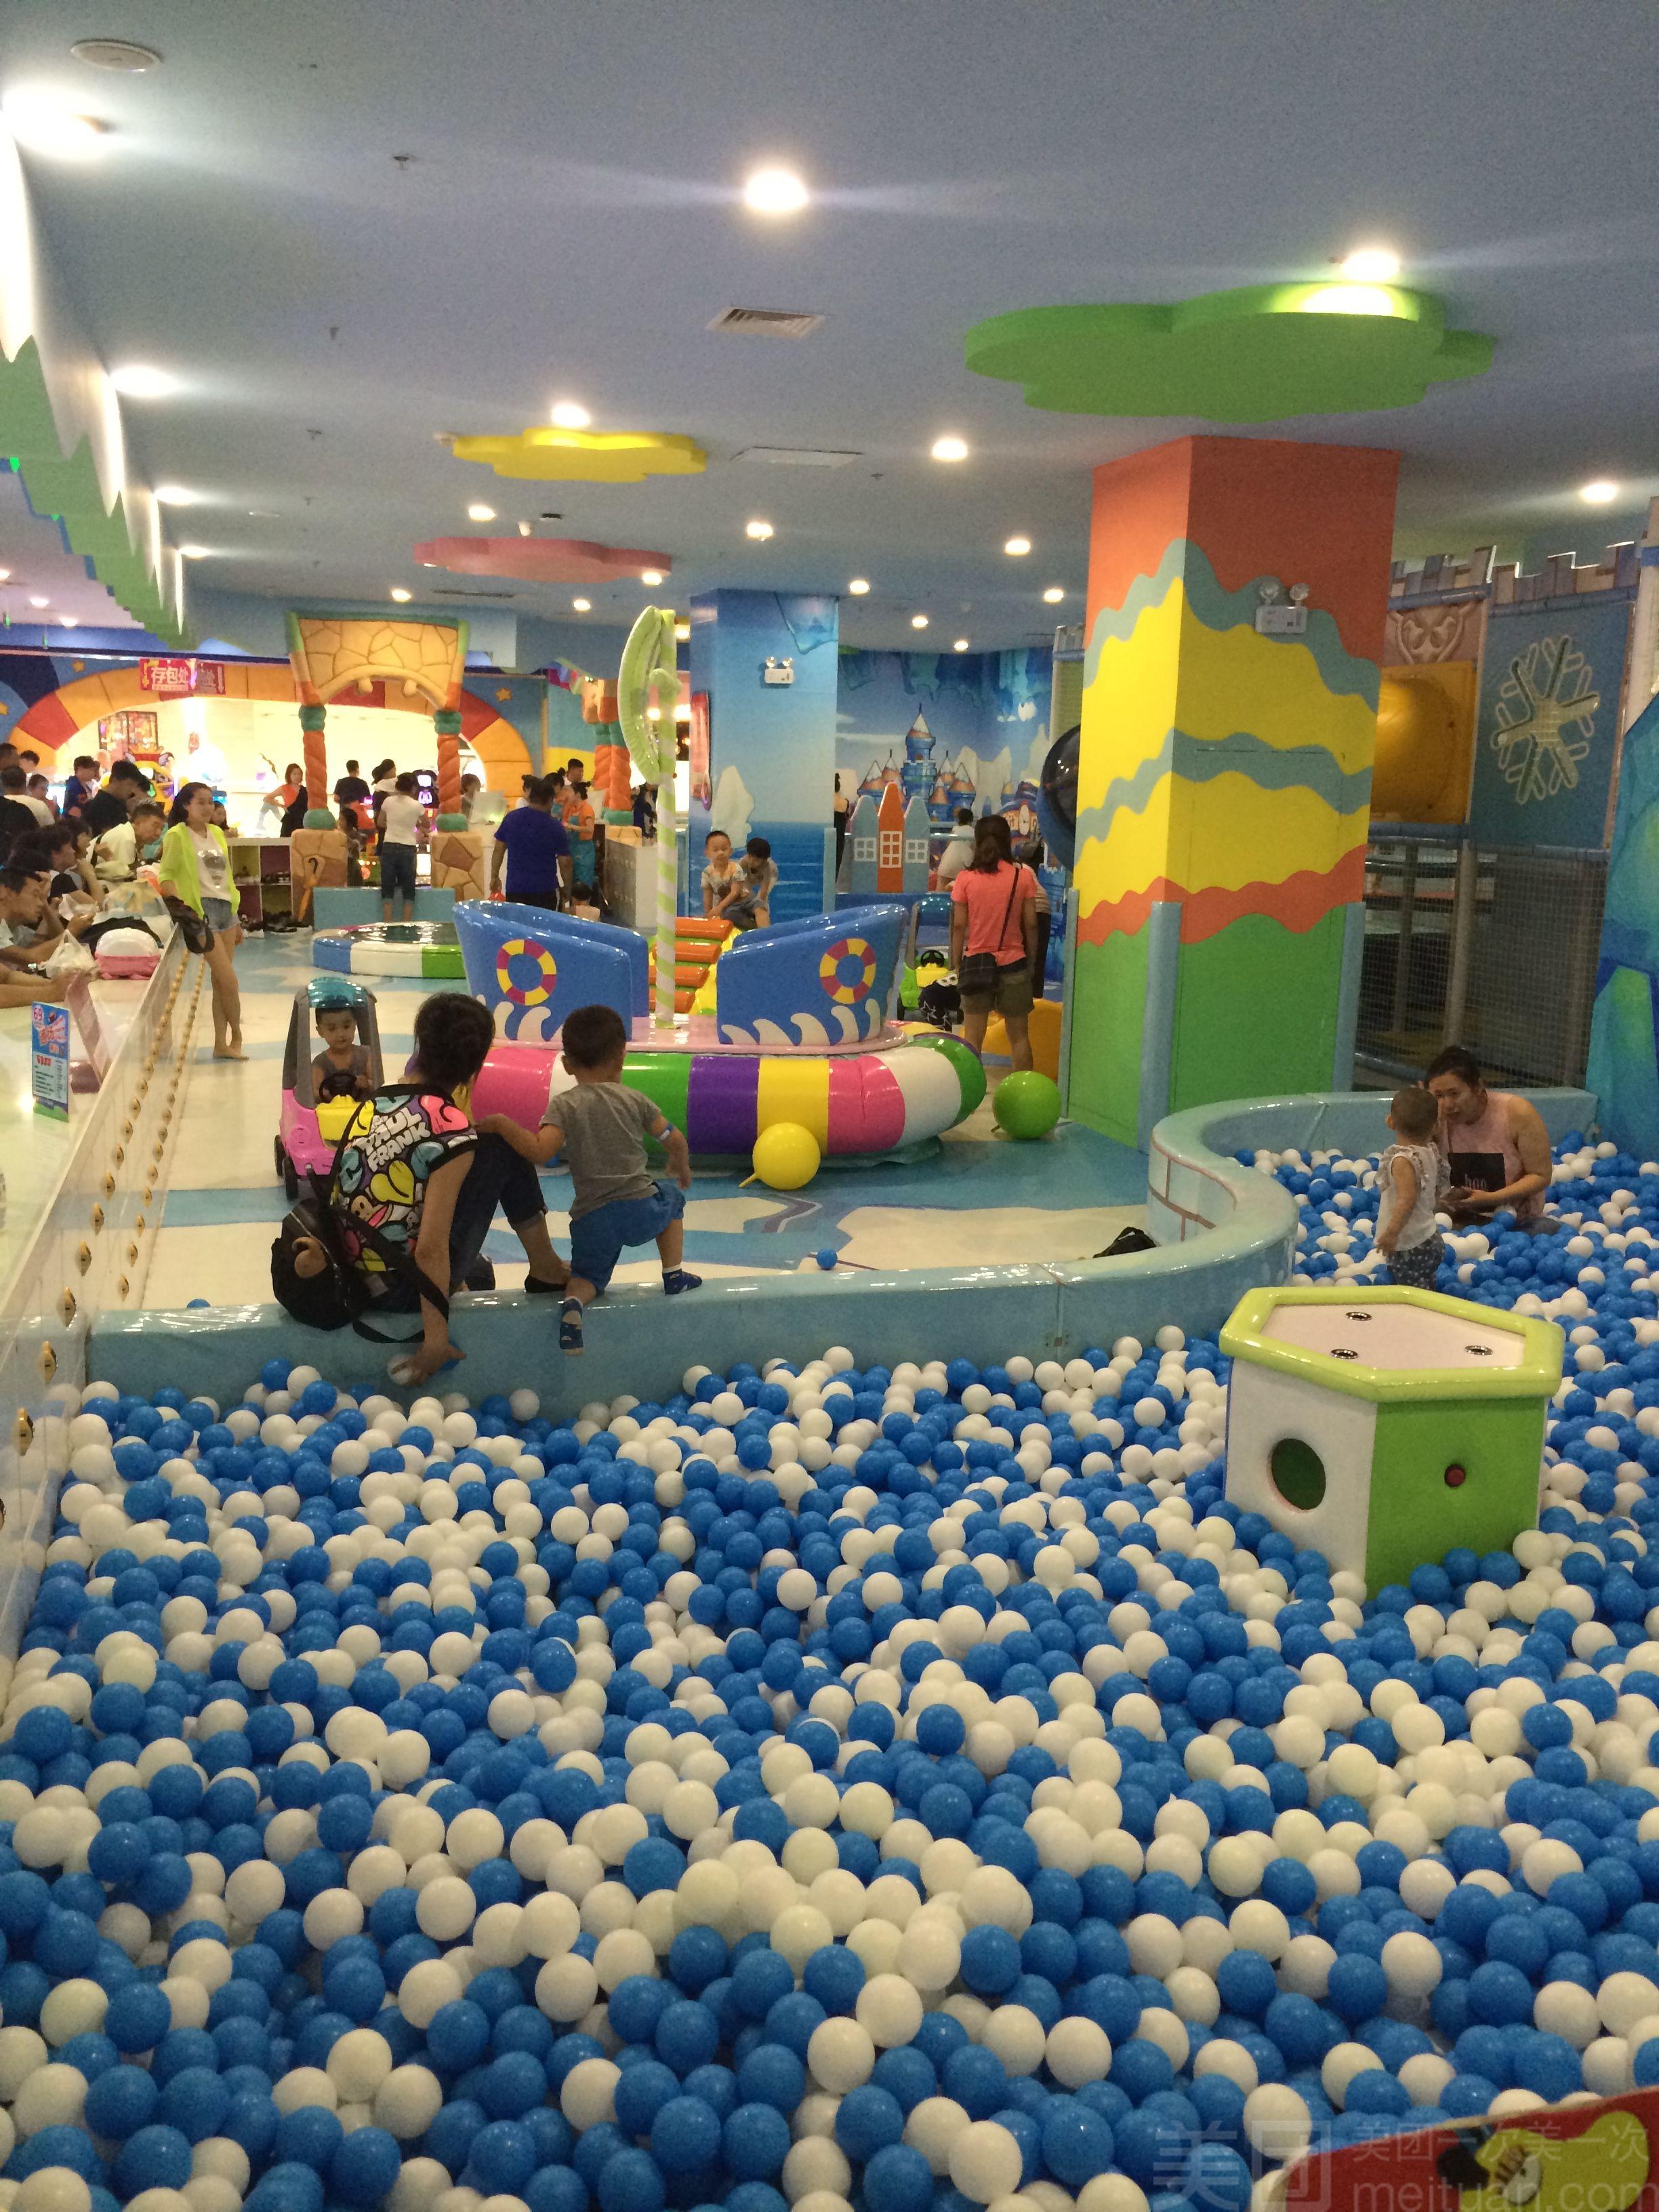 产品介绍 乐多王国是抚顺室内大型儿童游乐场,拥有韩国原装进口的